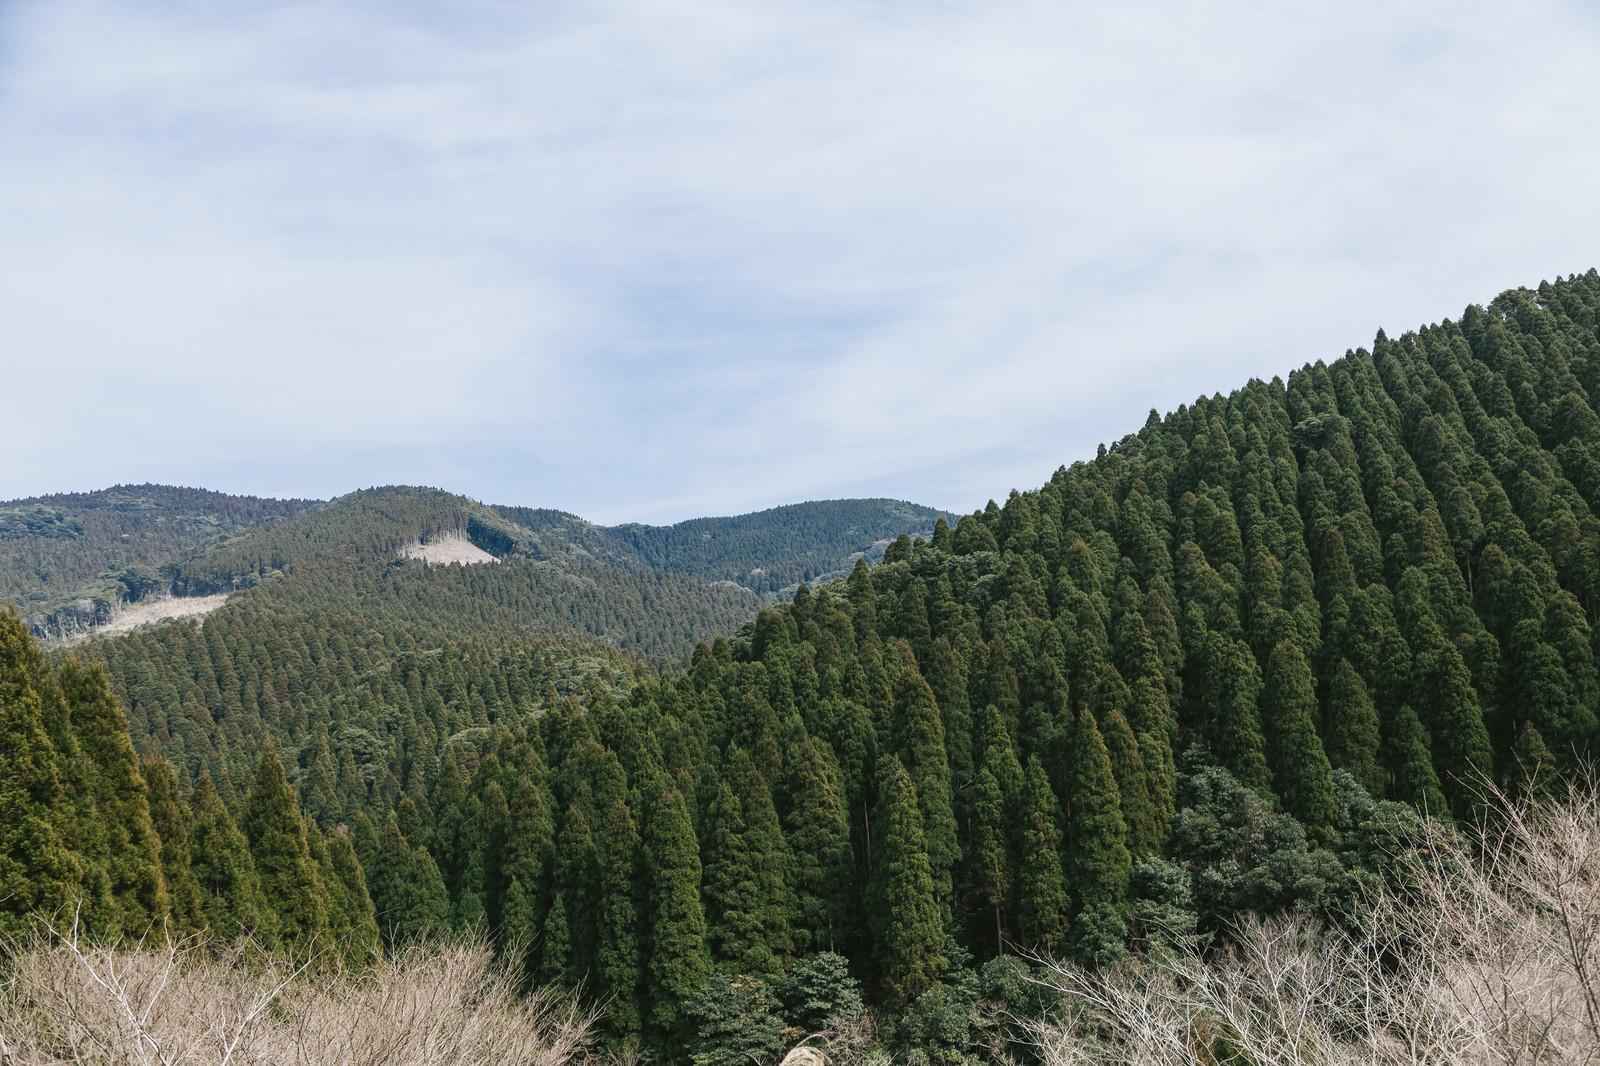 「すくすく育つ飫肥杉山林」の写真